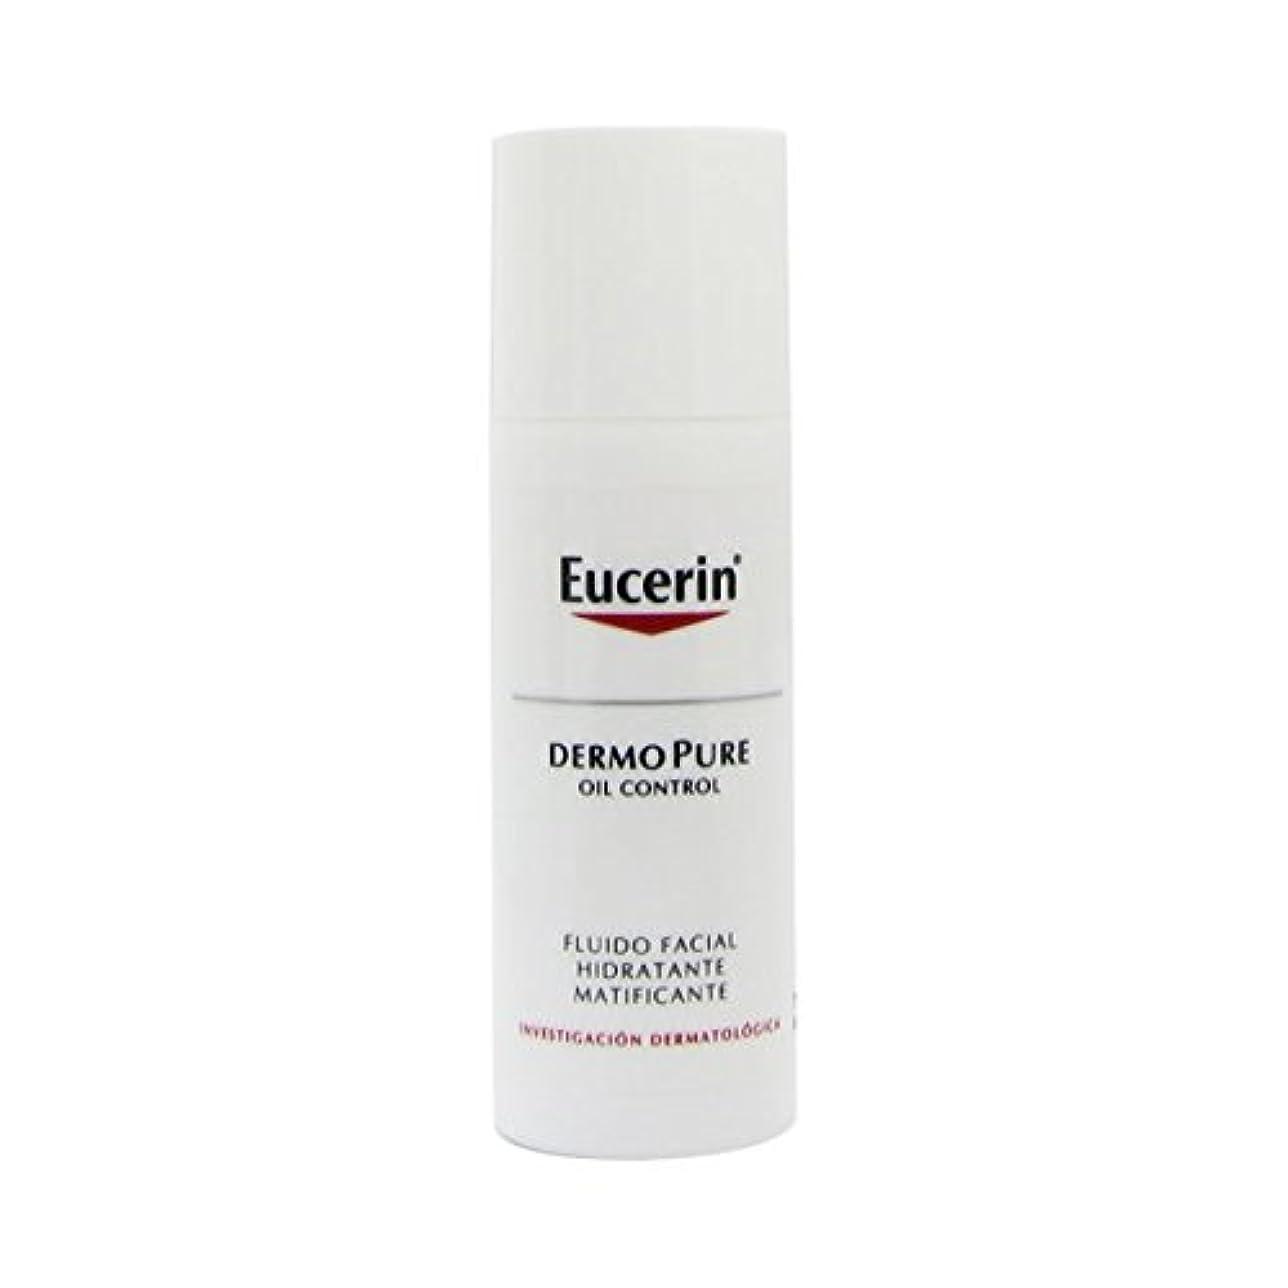 下るヒステリック日焼けEucerin Dermopure Oil Control Matifying And Moisturizing Fluid 50ml [並行輸入品]